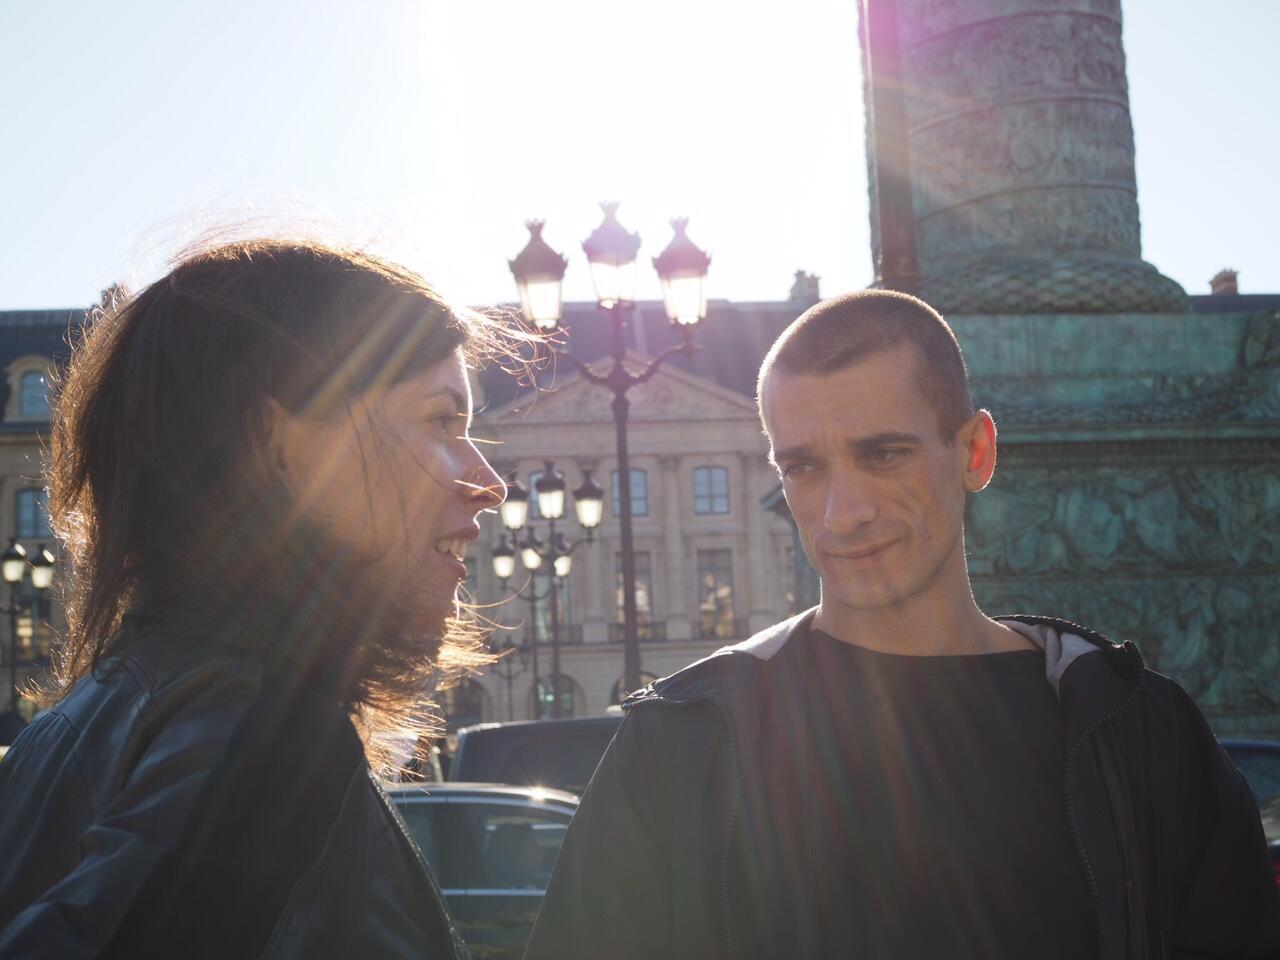 Петр Павленский в Париже на Вандомской площади дает интервью корреспонденту RFI, 5 октября 2016 года